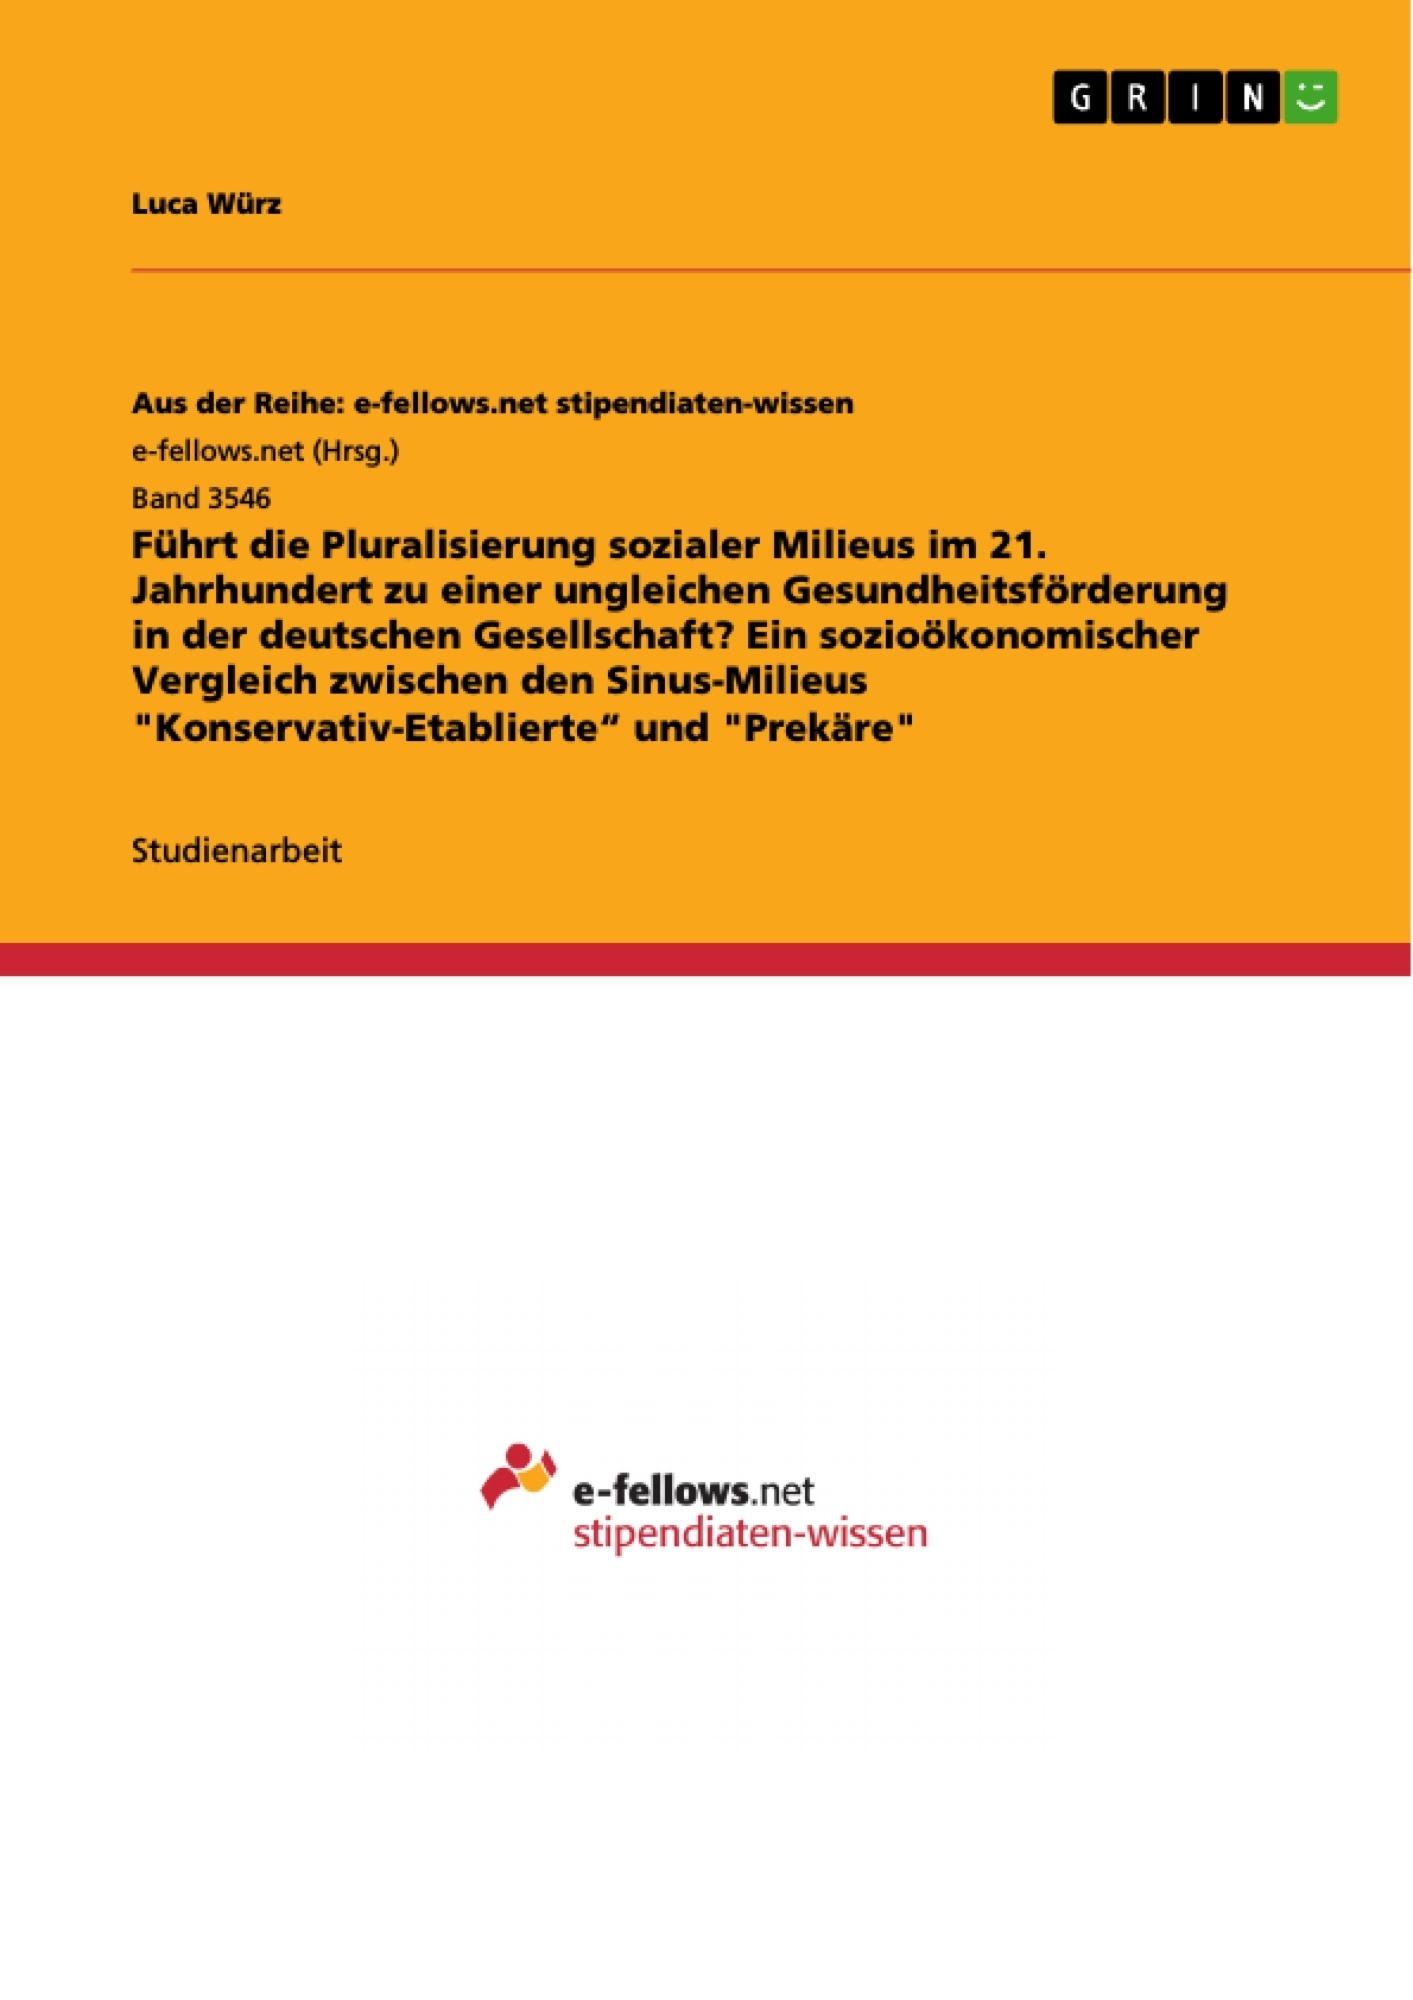 """Titel: Führt die Pluralisierung sozialer Milieus im 21. Jahrhundert zu einer ungleichen Gesundheitsförderung in der deutschen Gesellschaft? Ein sozioökonomischer Vergleich zwischen den Sinus-Milieus """"Konservativ-Etablierte"""" und """"Prekäre"""""""